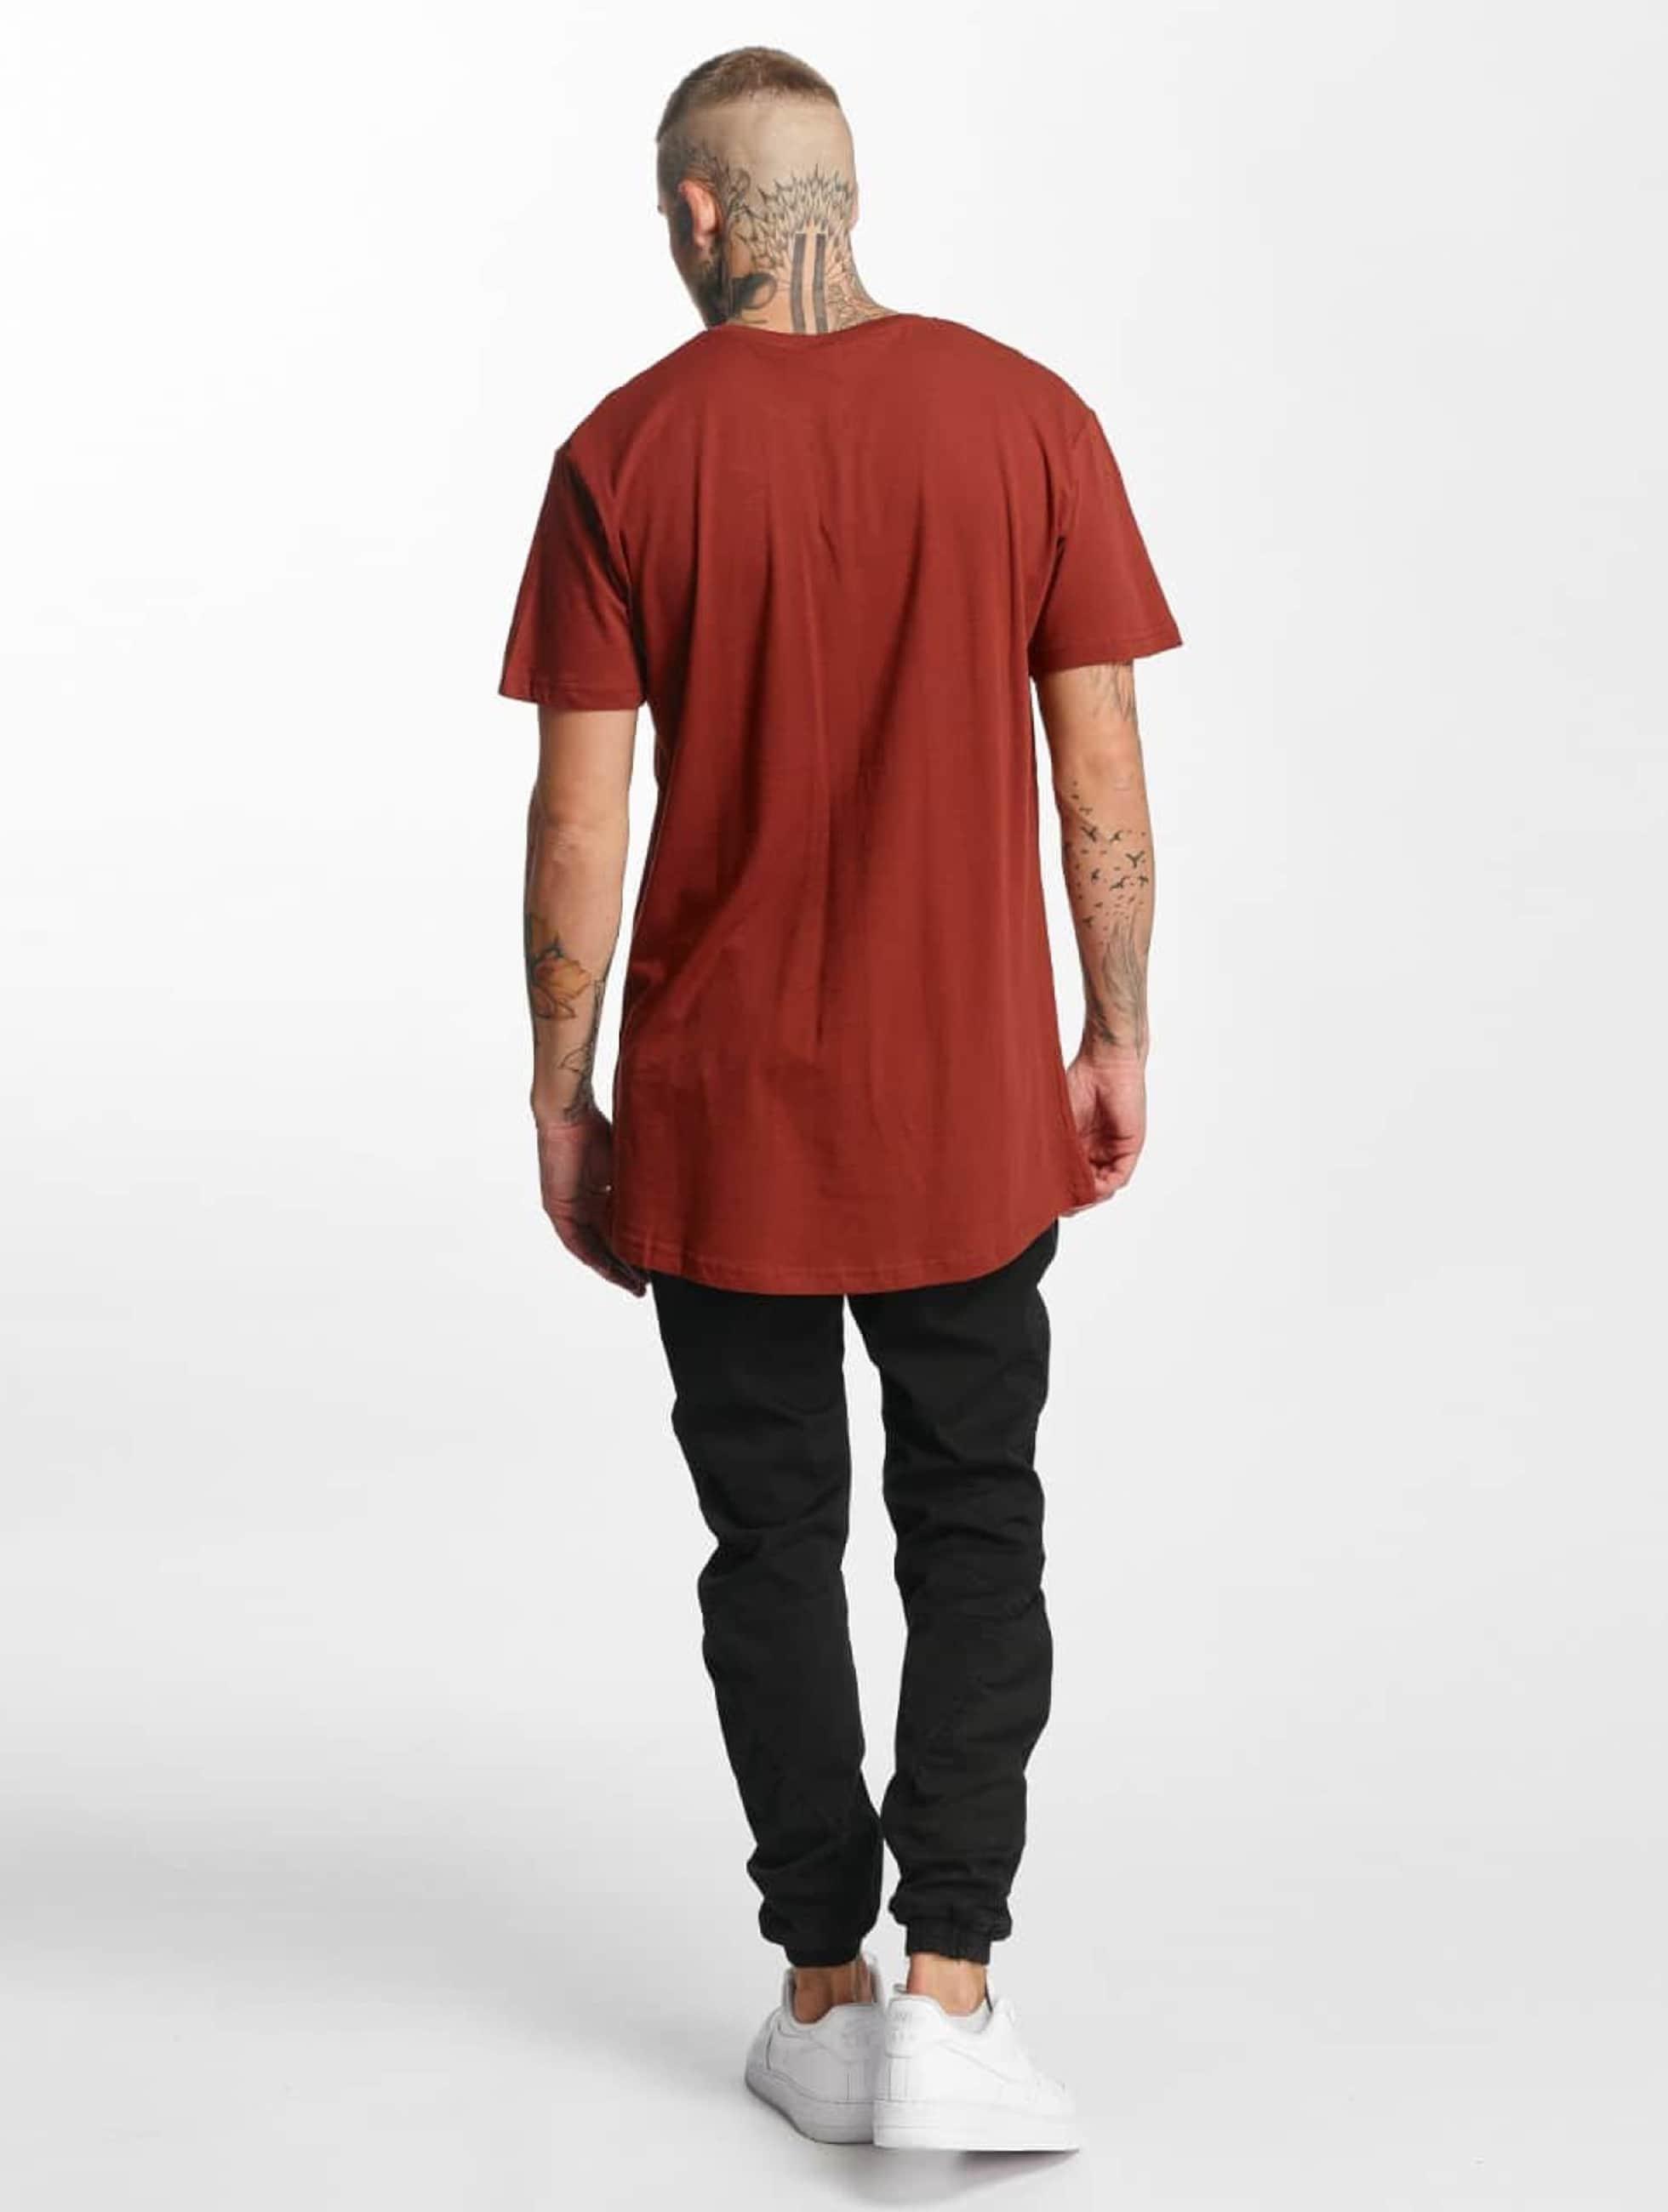 Urban Classics Tall Tees Shaped Oversized Long marrone